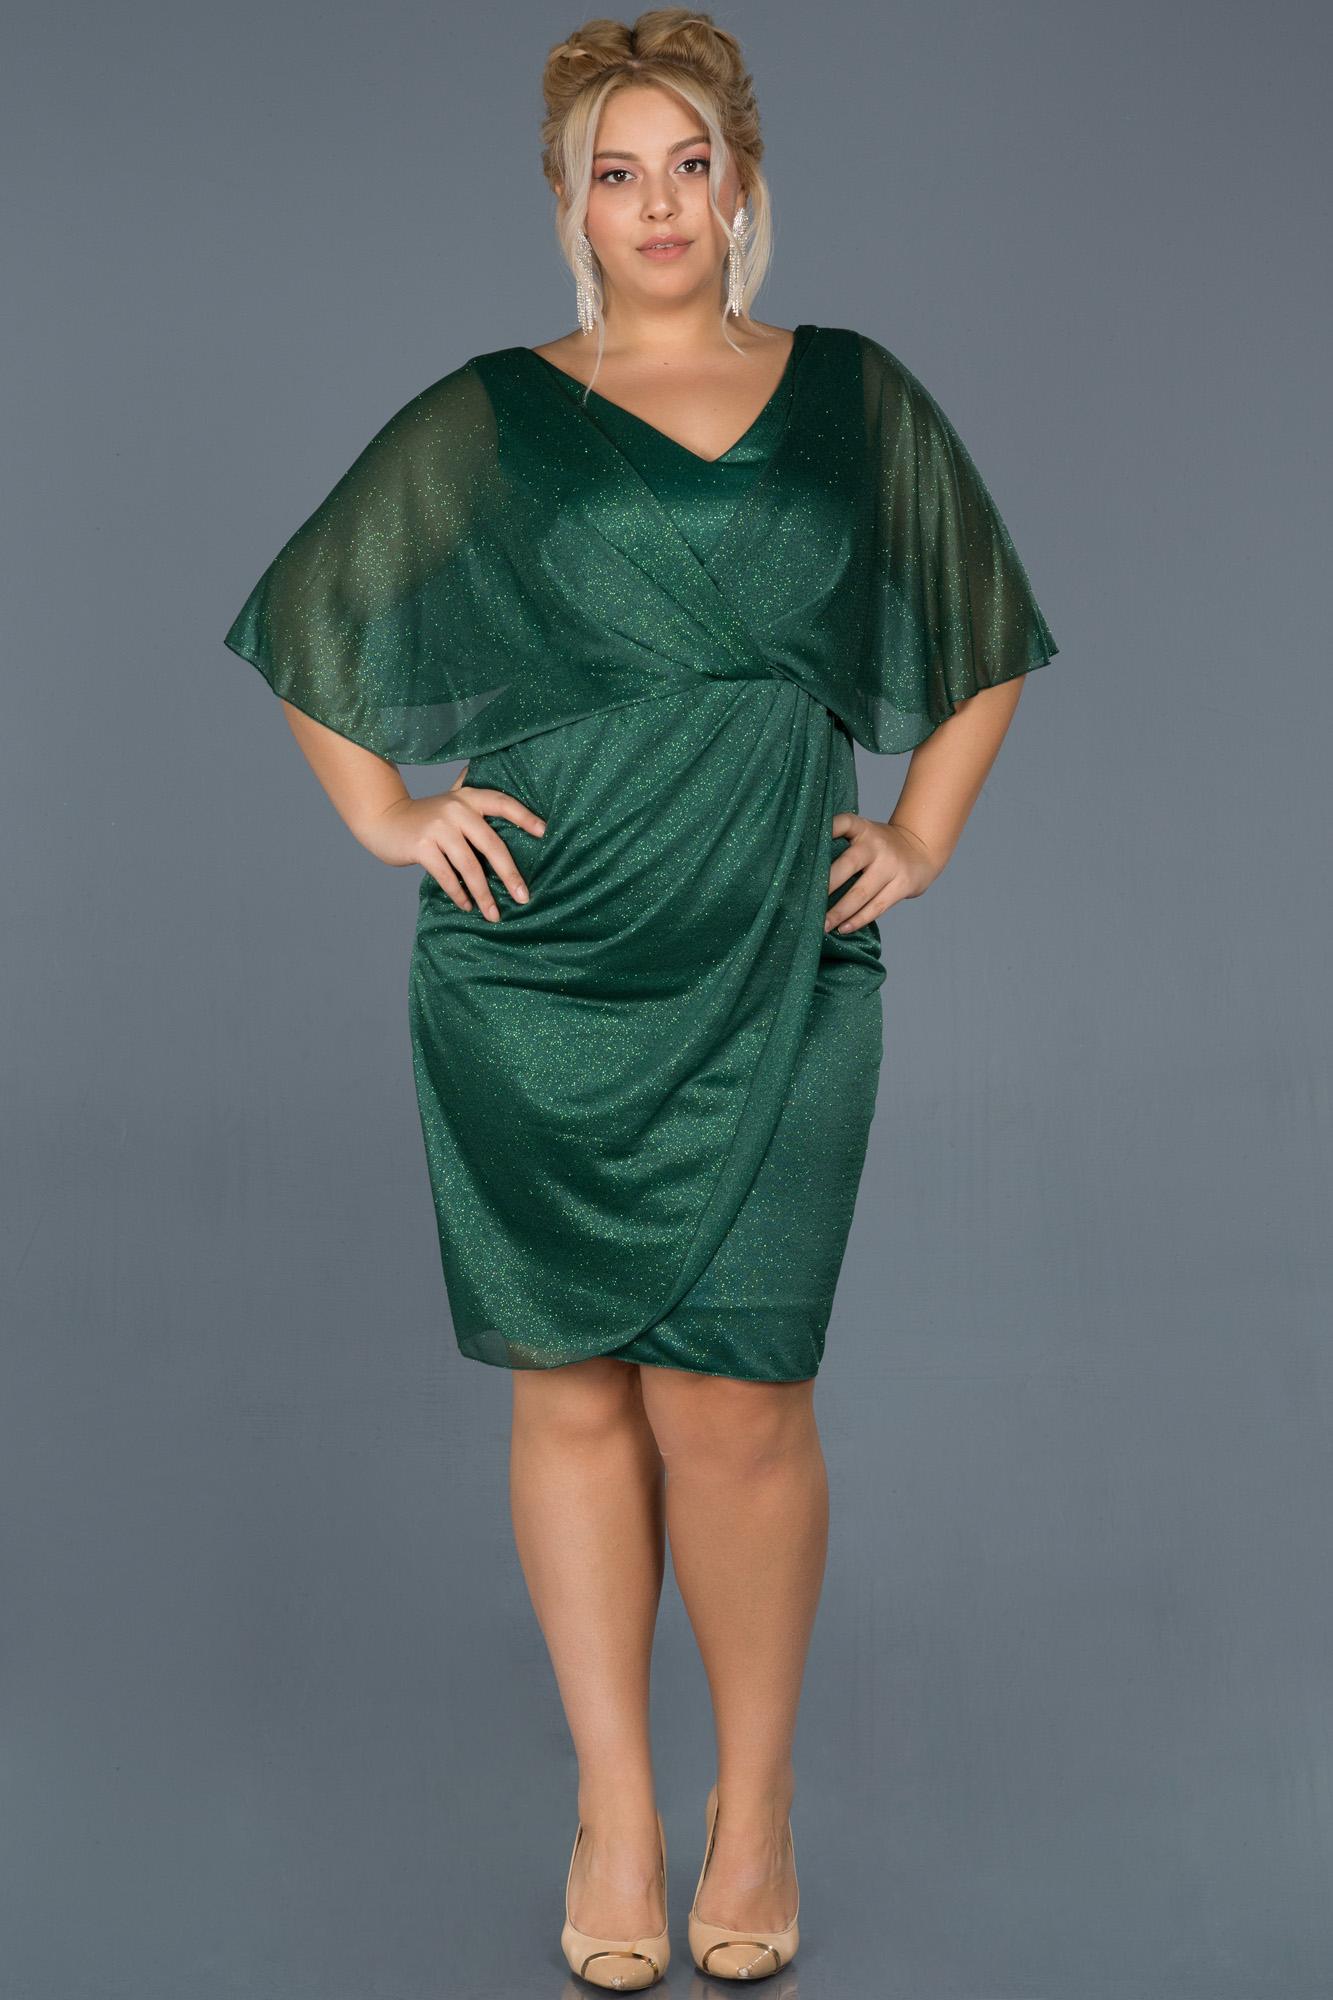 Zümrüt Yeşili Kısa Simli Yarım Kol Davet Elbisesi